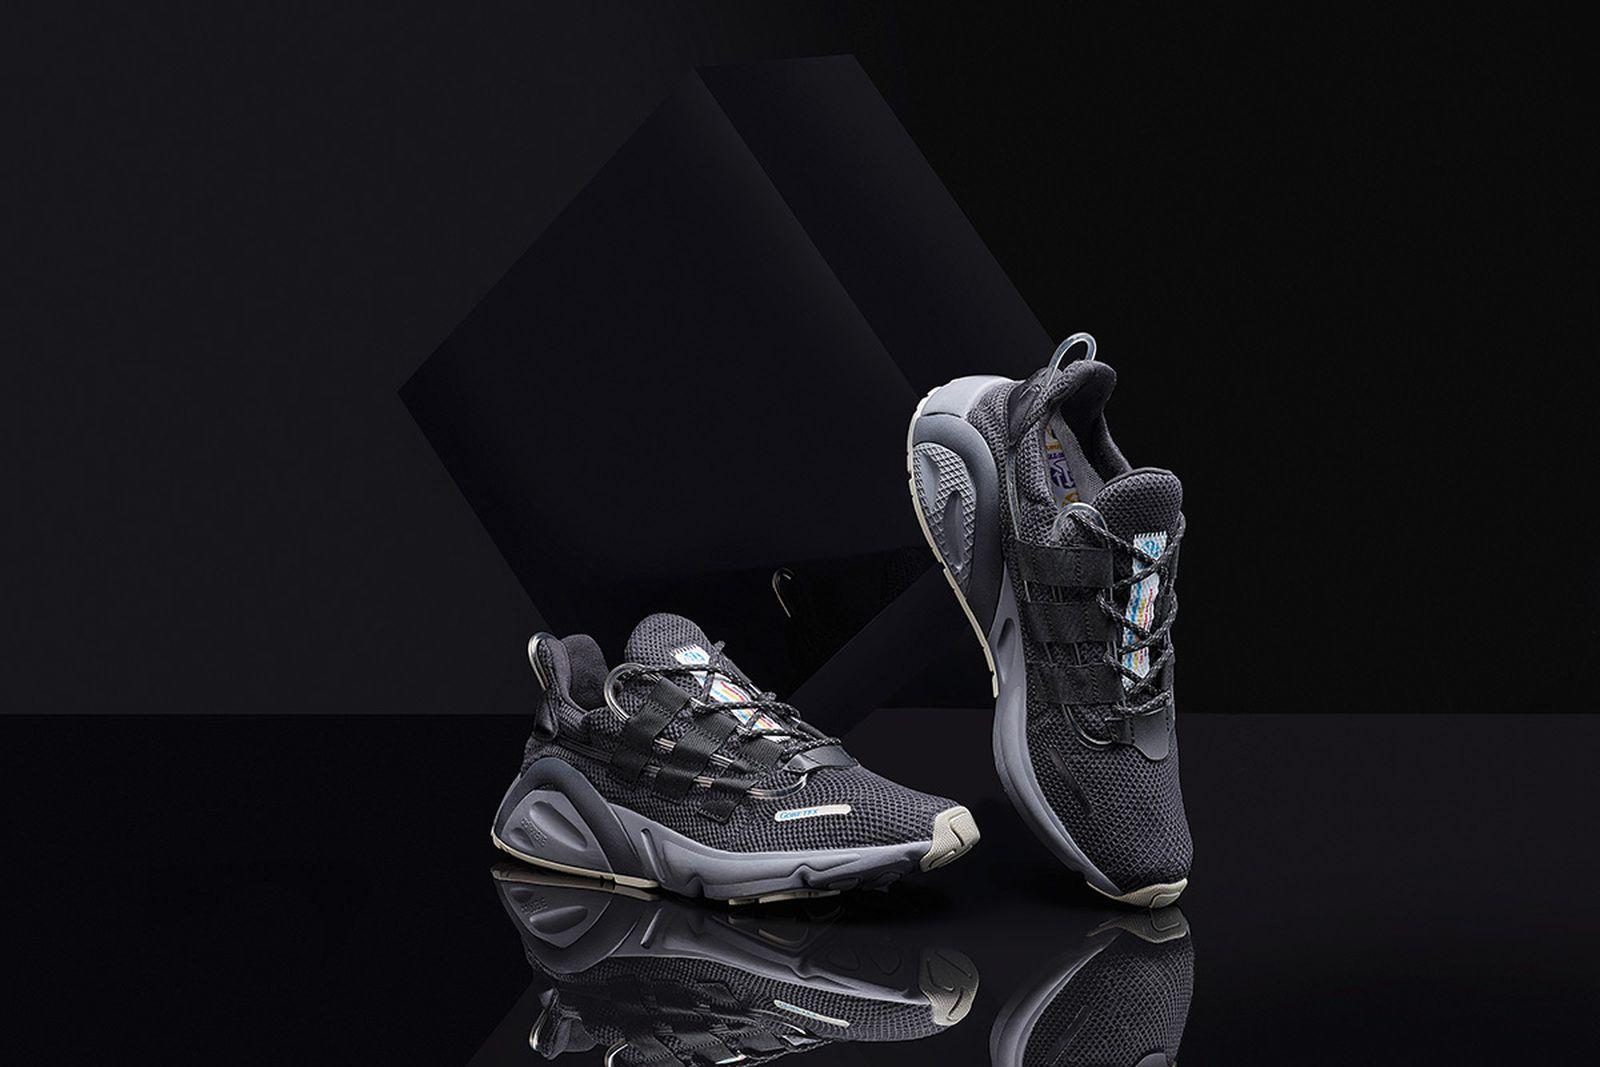 gore tex adidas lxcon future adidas Originals gore-tex